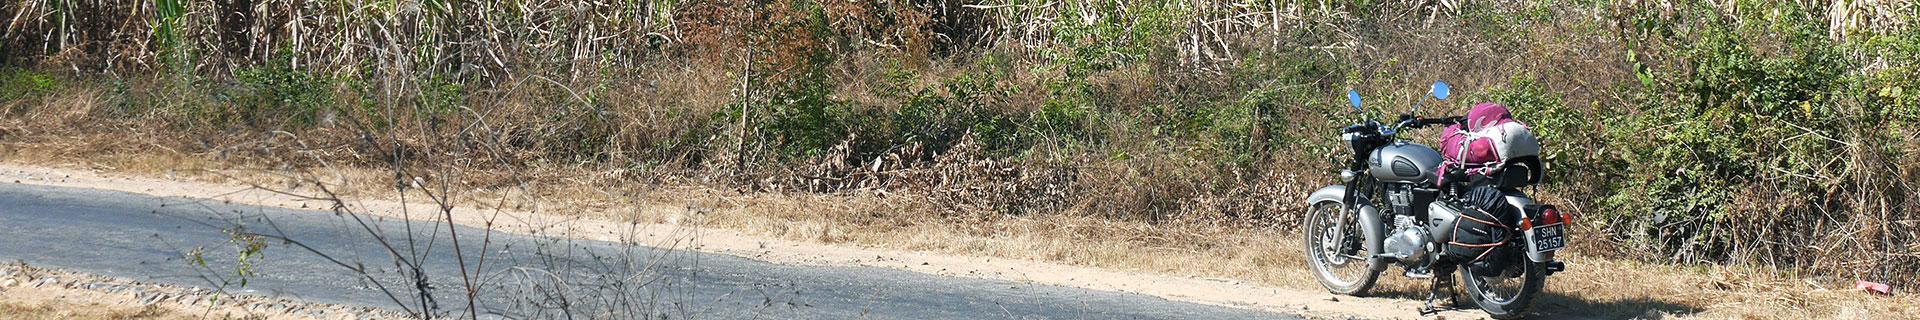 motorradreise-myanmar-slider-13